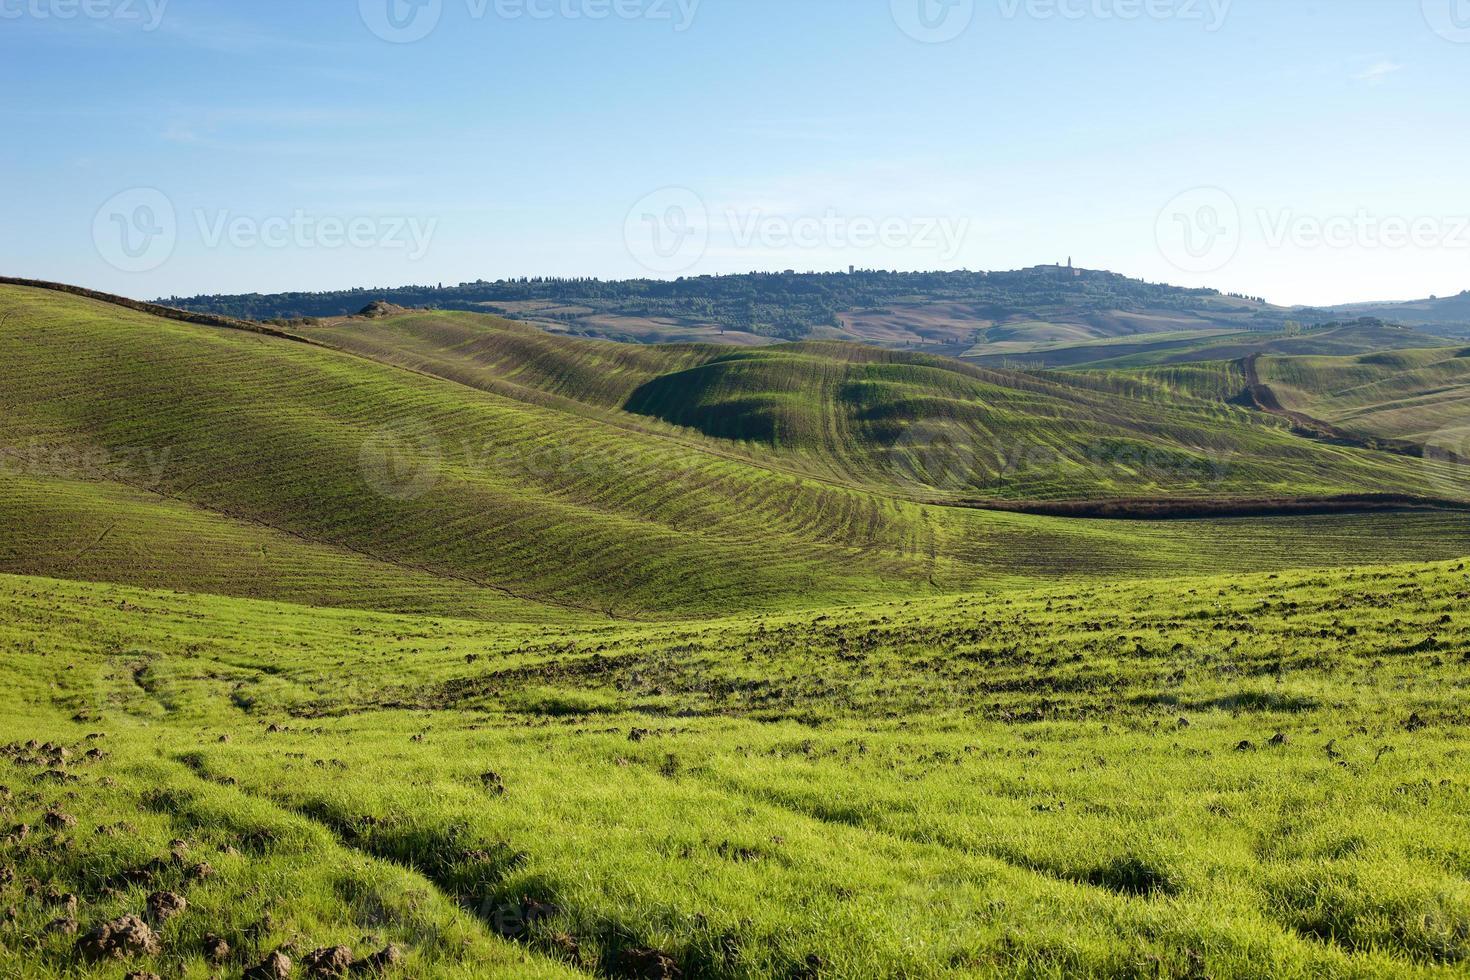 toskanska landsbygden, italiensk landskap foto